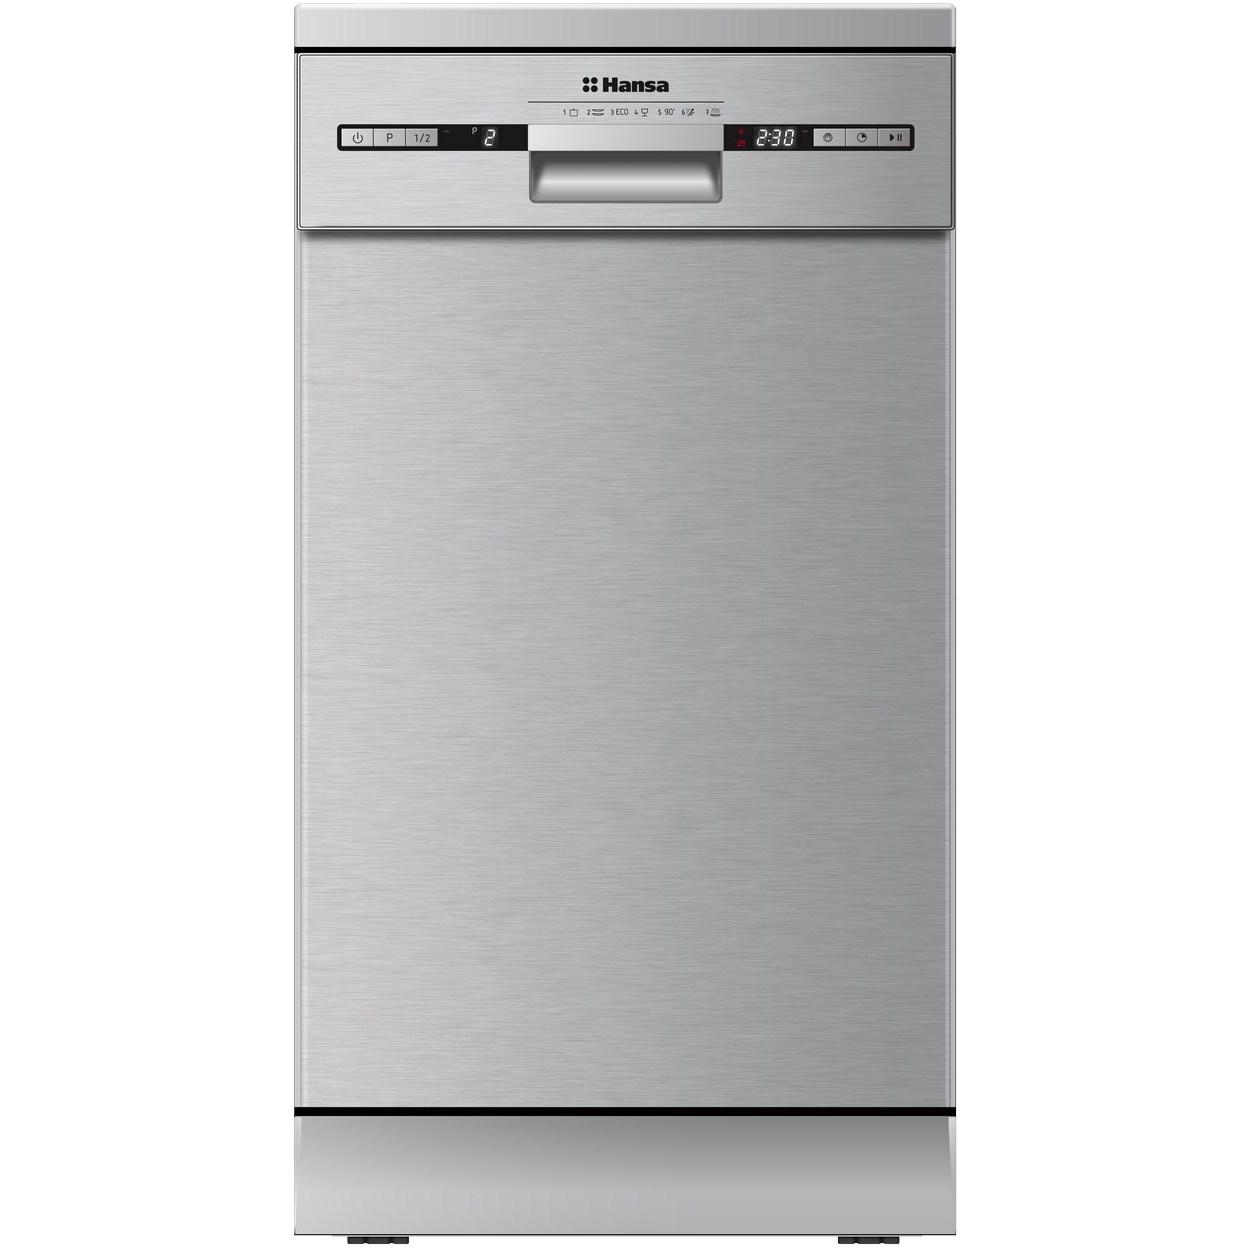 Отзывы hansa zwm 416 wh | посудомоечные машины hansa | подробные характеристики, видео обзоры, отзывы покупателей